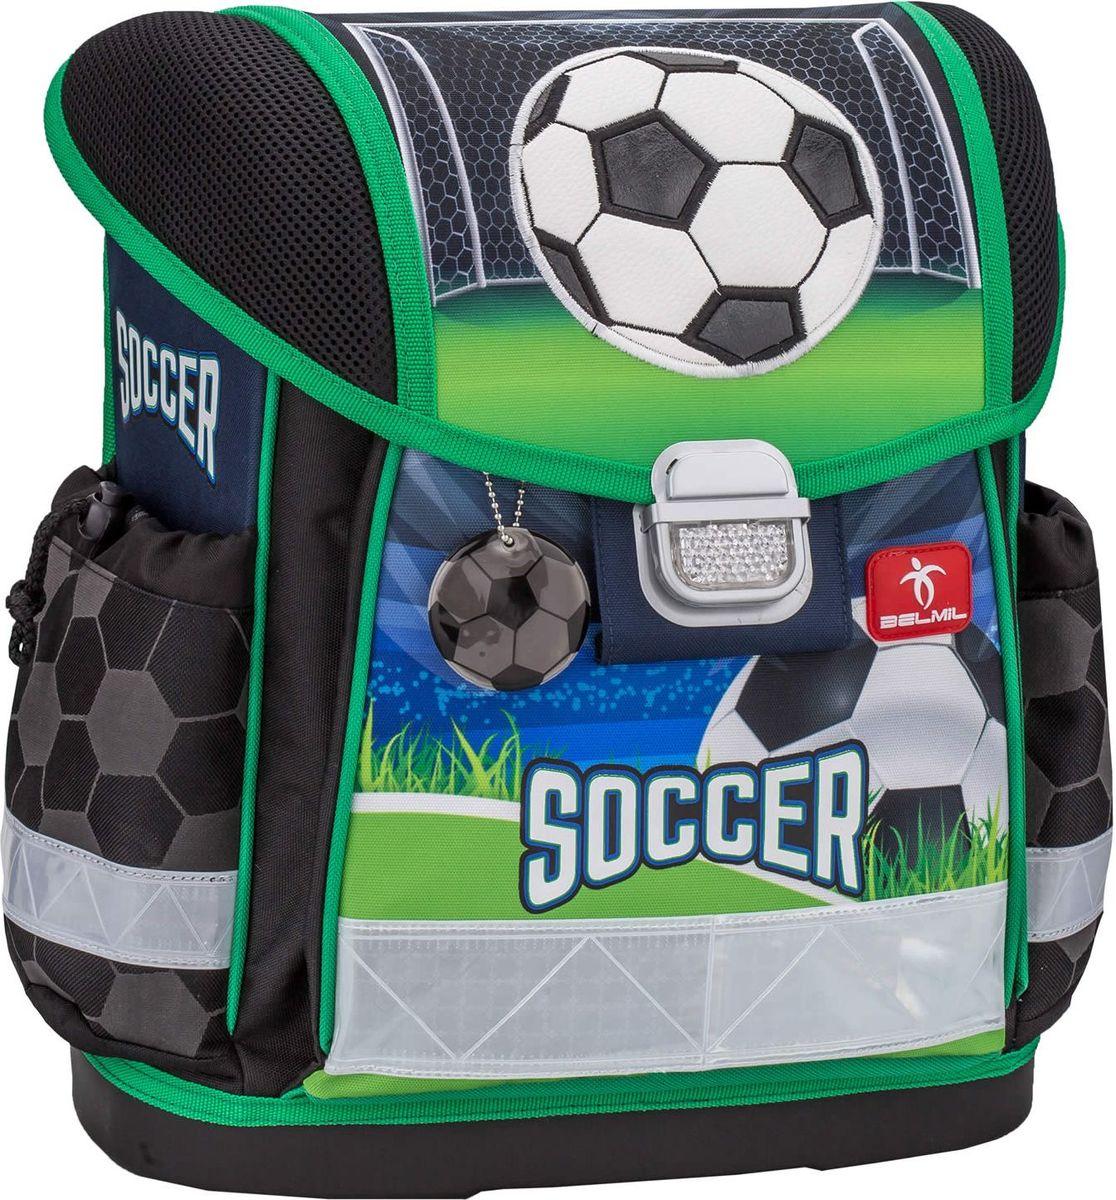 Belmil Ранец школьный Classy Soccer403-13/531